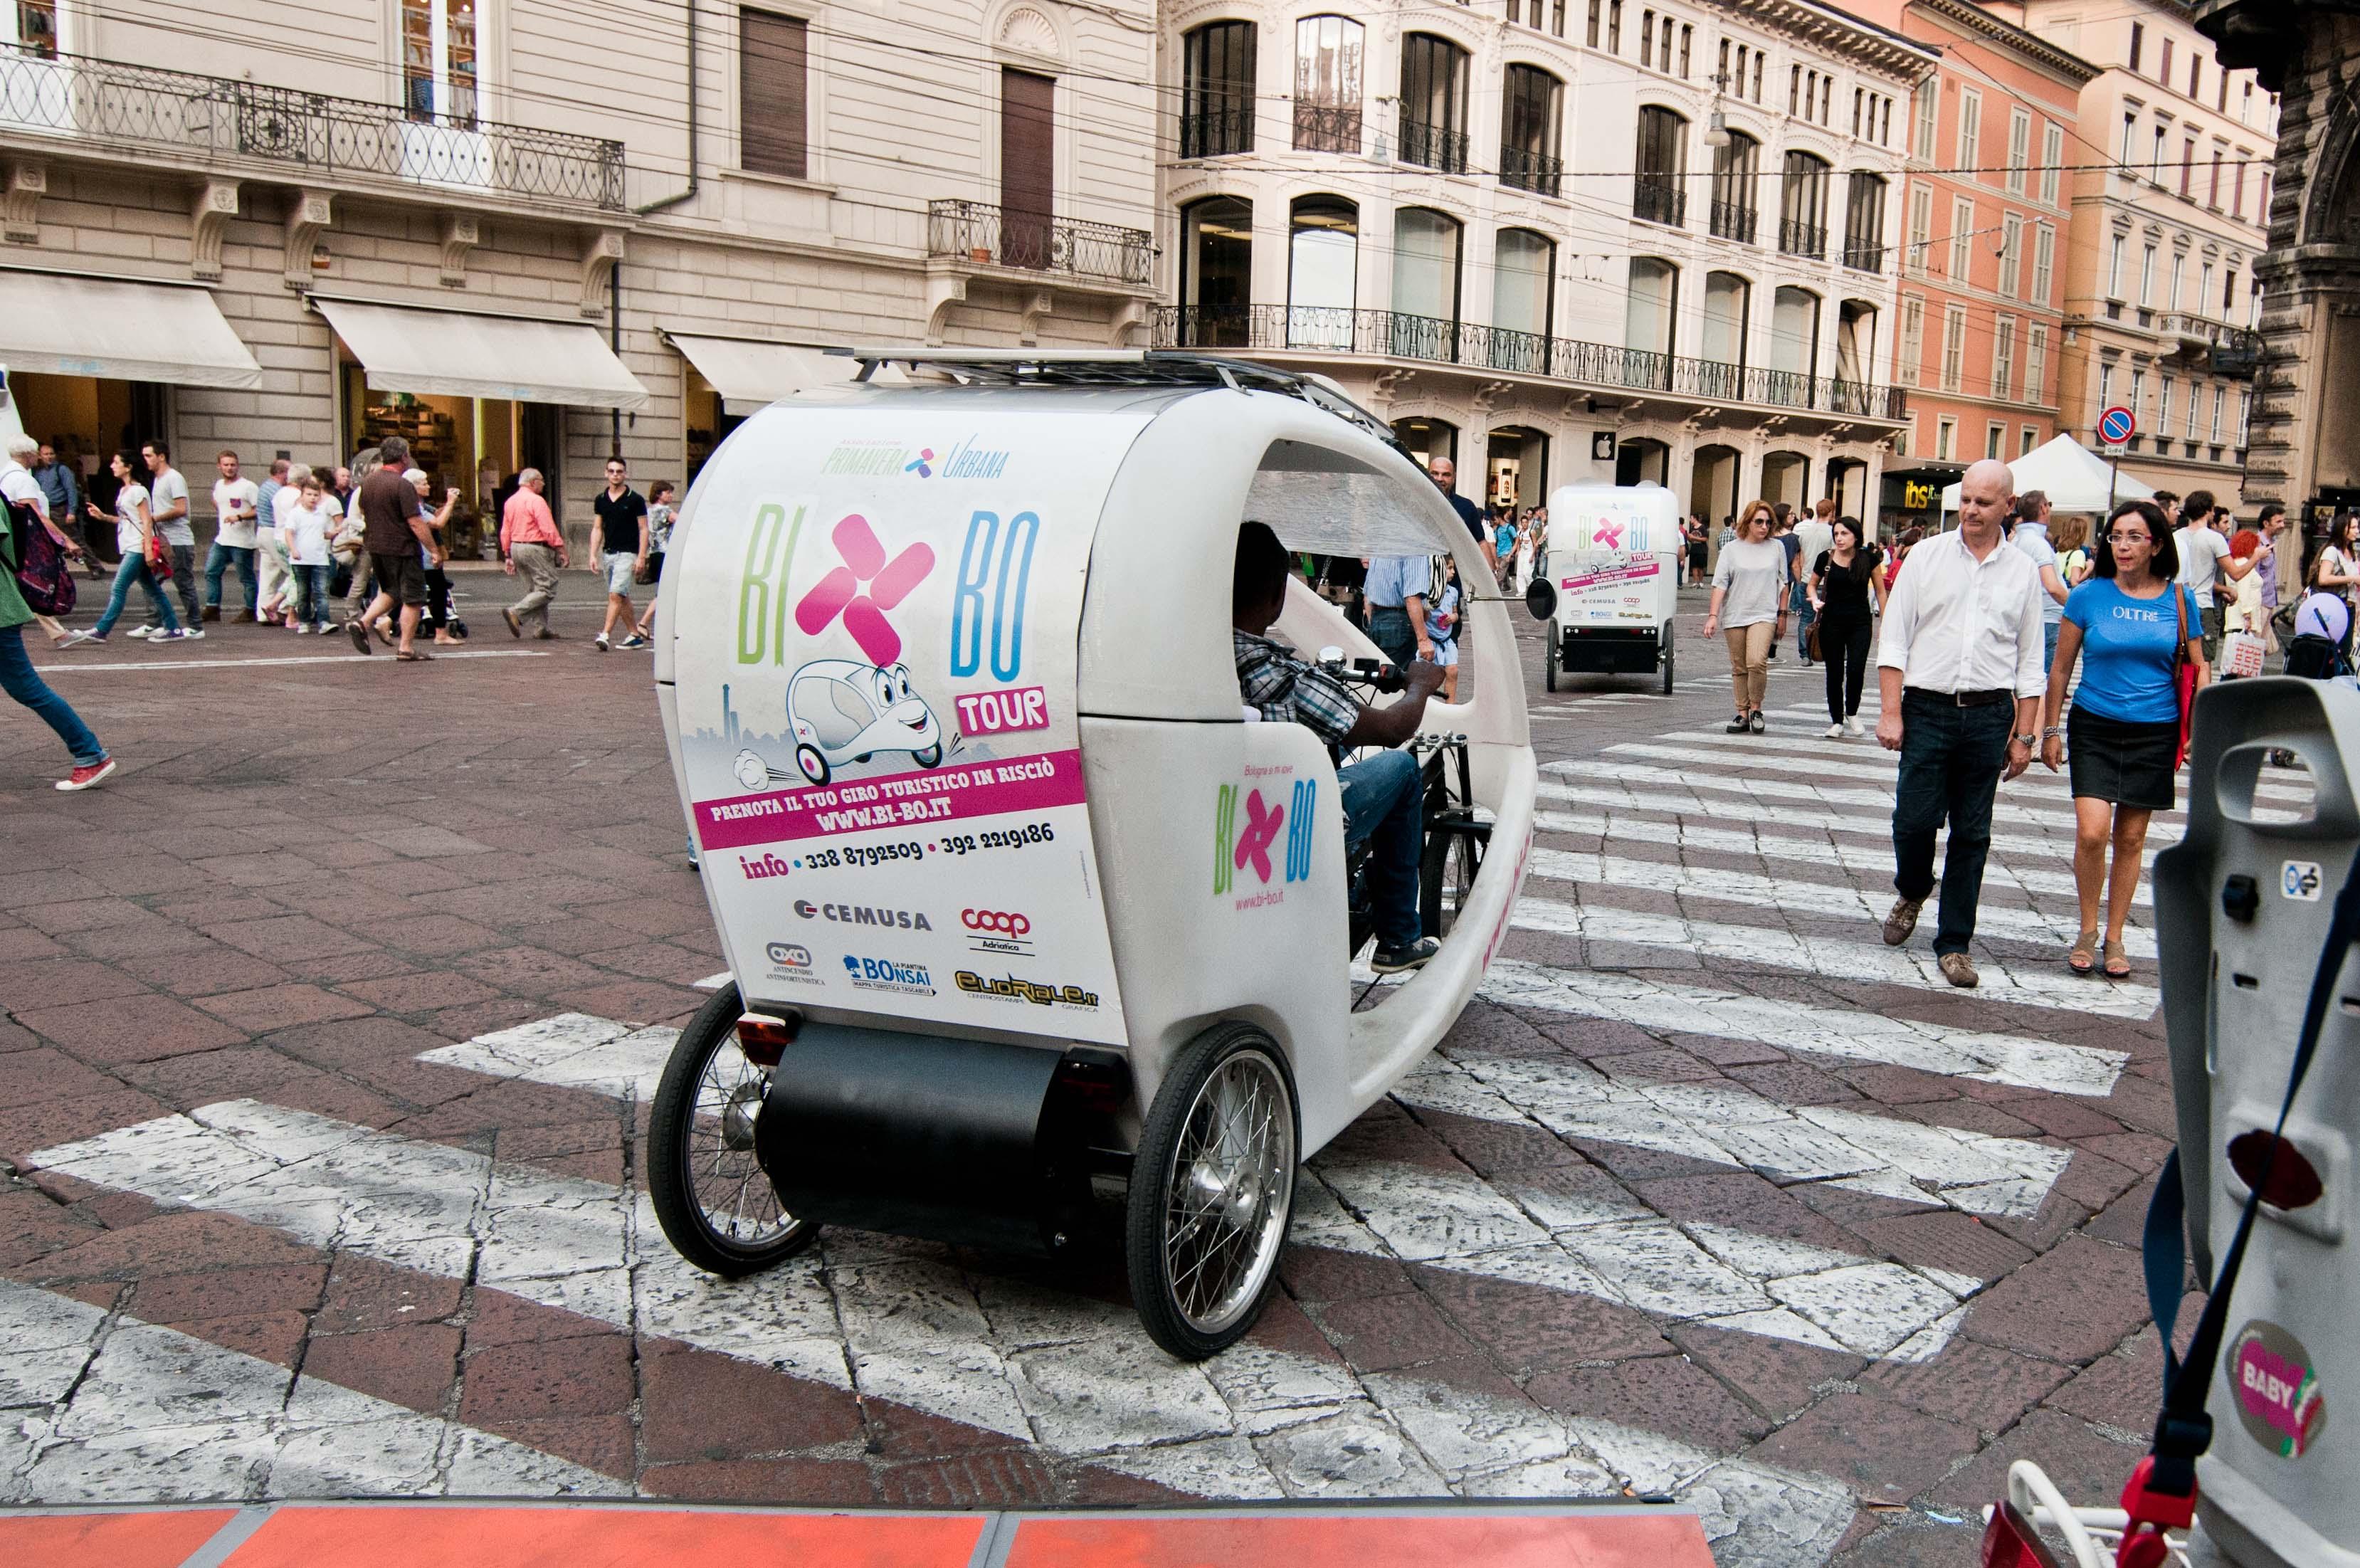 BI-BO TOUR per le strade del centro di Bologna